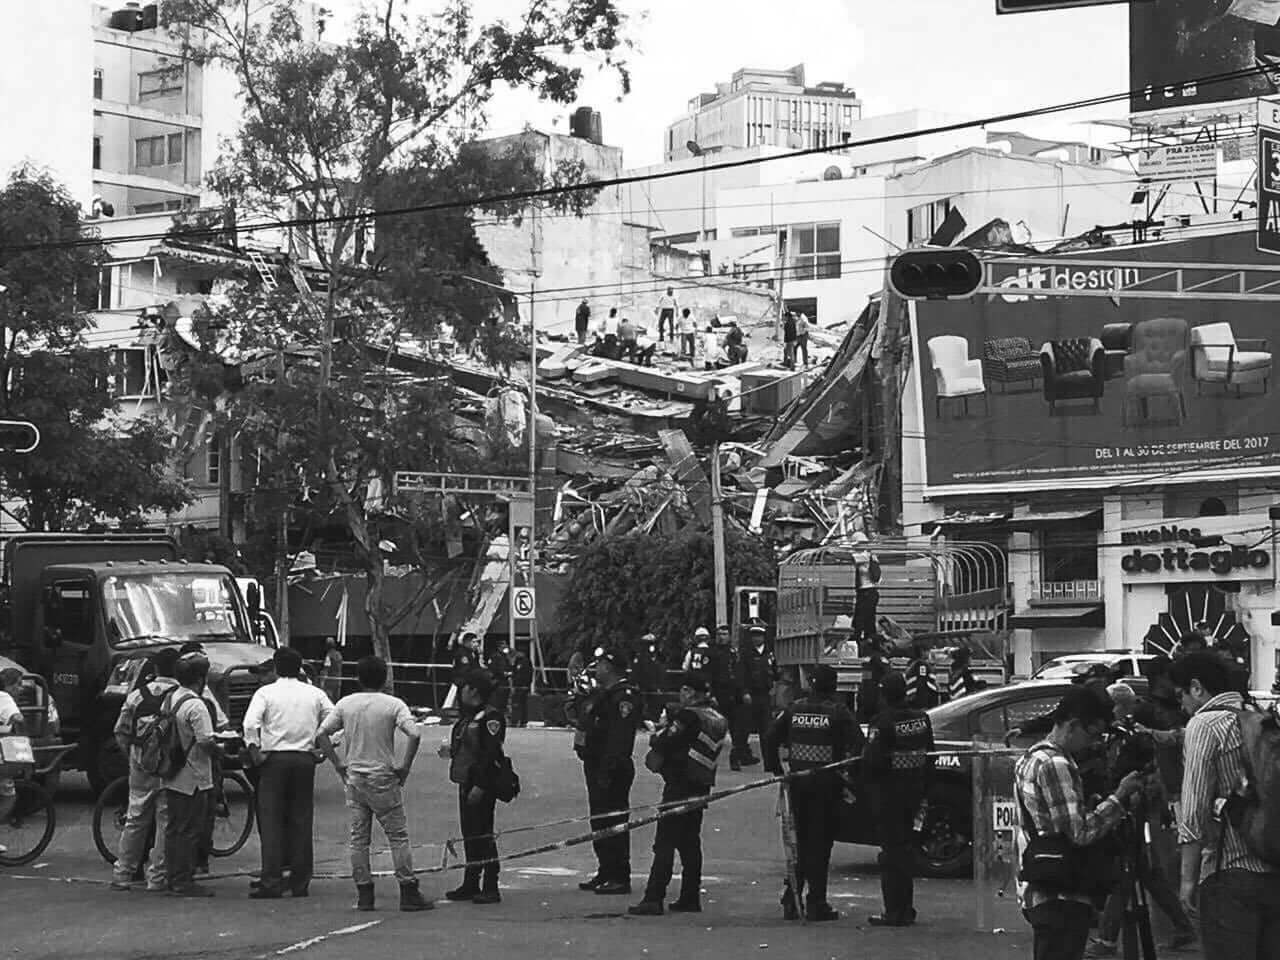 Puño Cerrado: Crónica de un aciago aniversario. Los mexicanos que levantaron a su país.